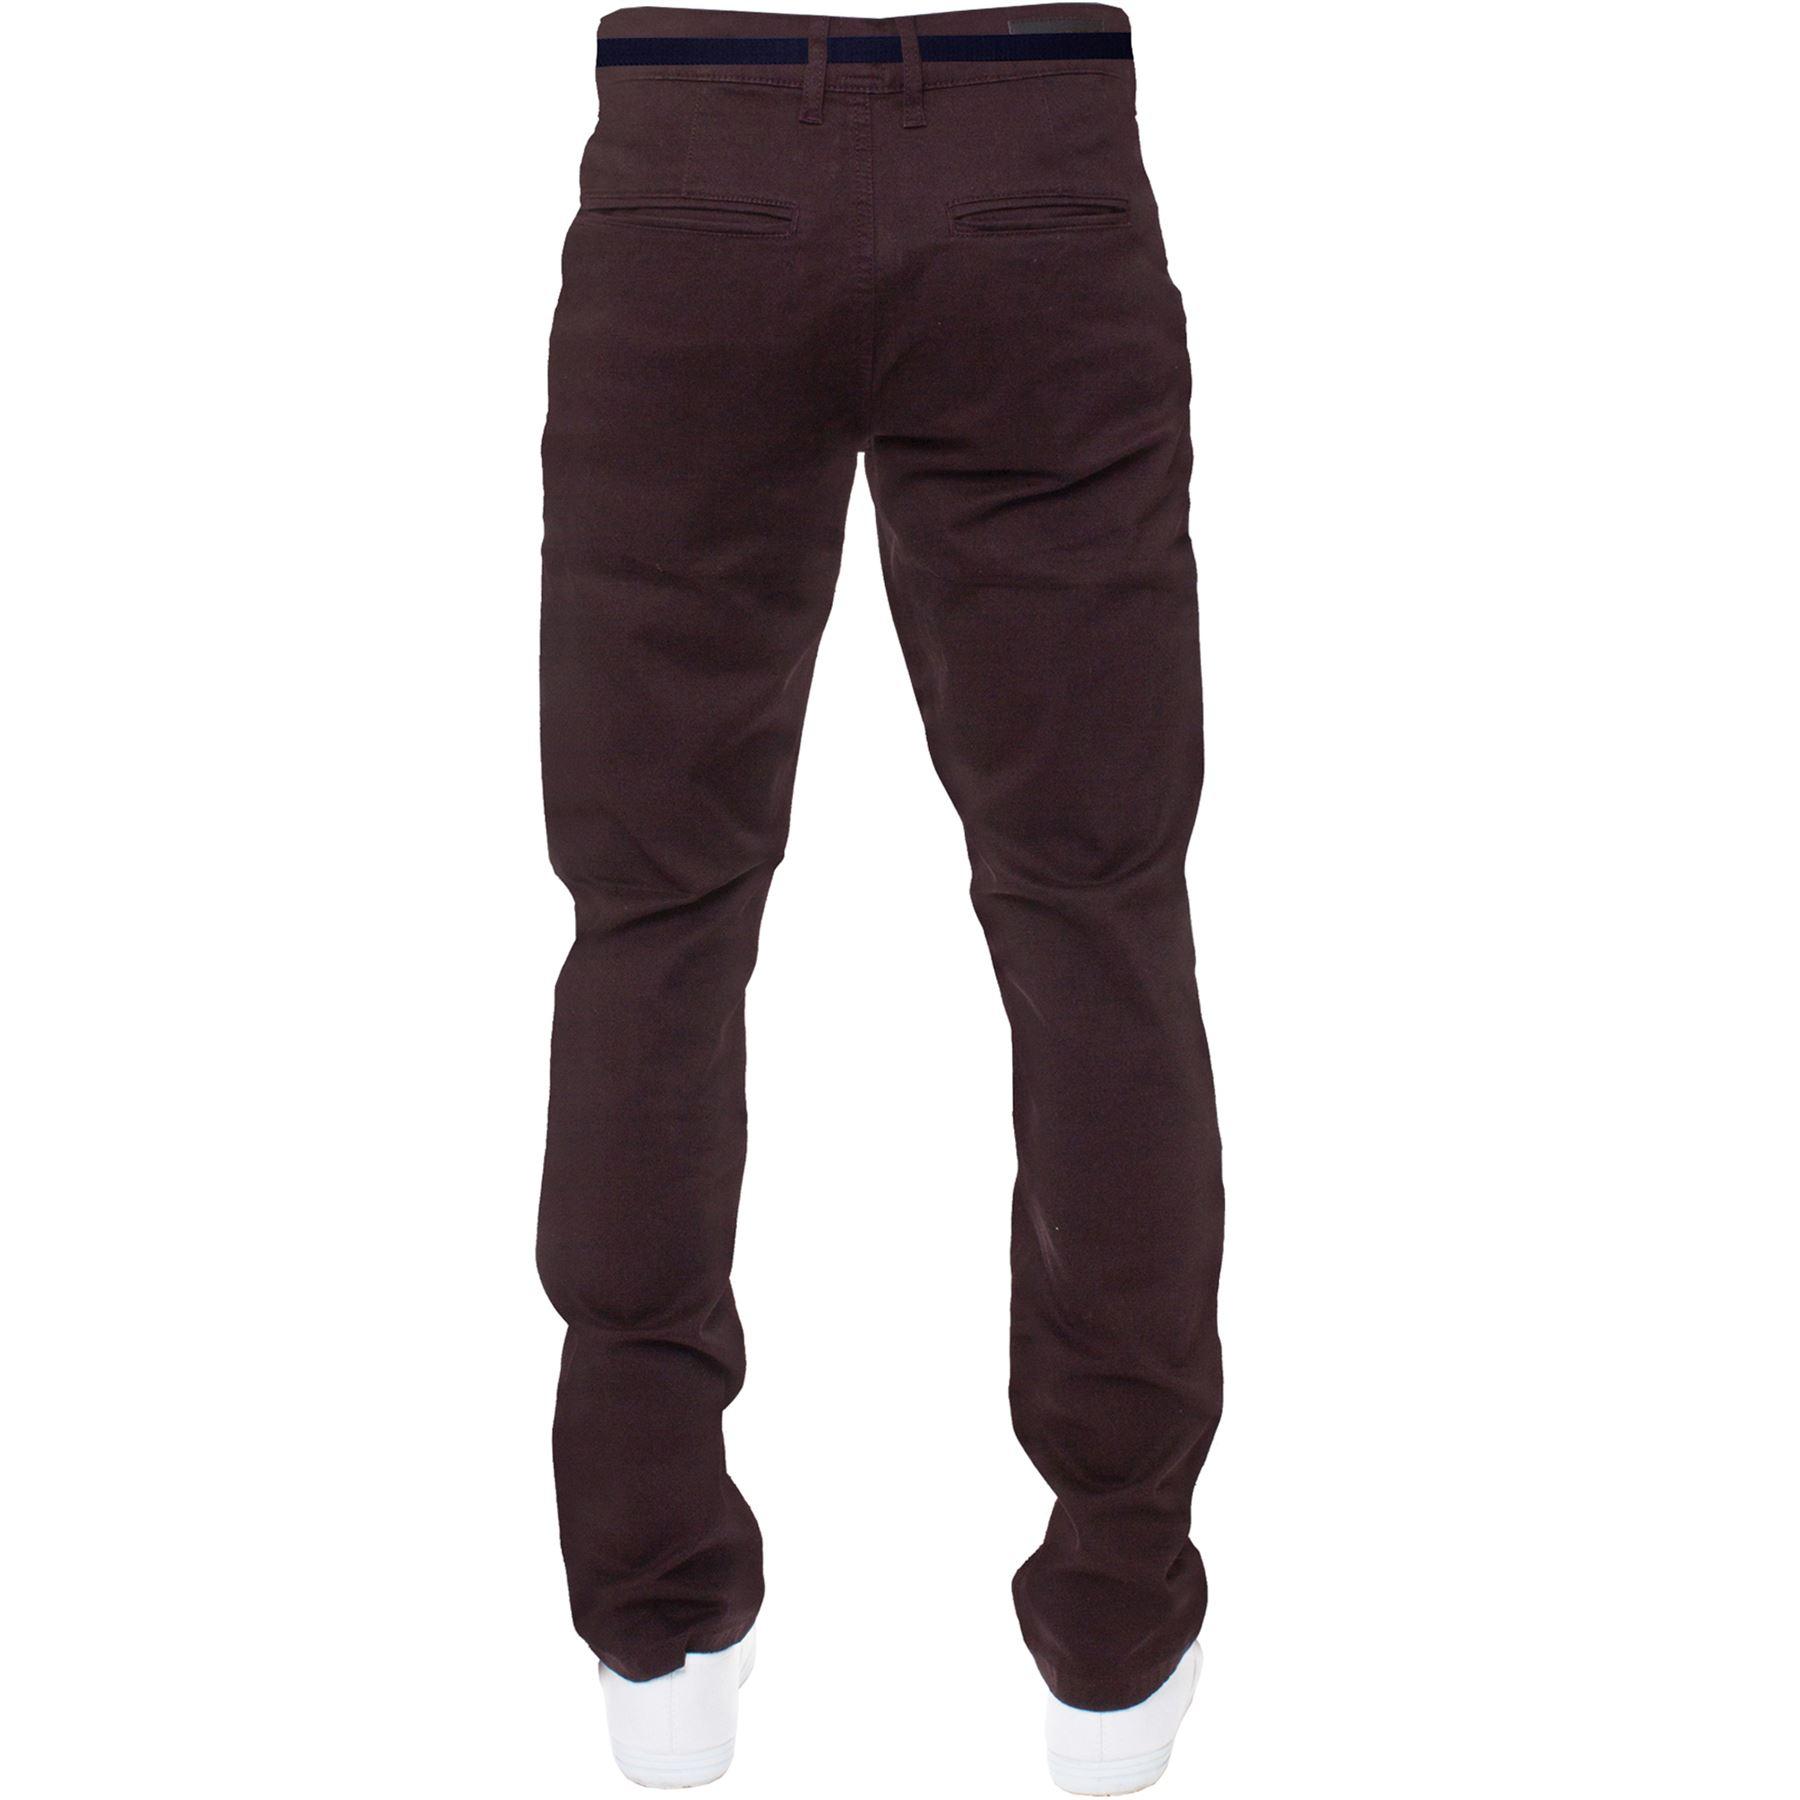 ENZO-Para-Hombres-Pantalones-Slim-Fit-Algodon-Elastico-Pantalones-Chinos-Con-Cinturon-BIG-amp-TALL miniatura 9